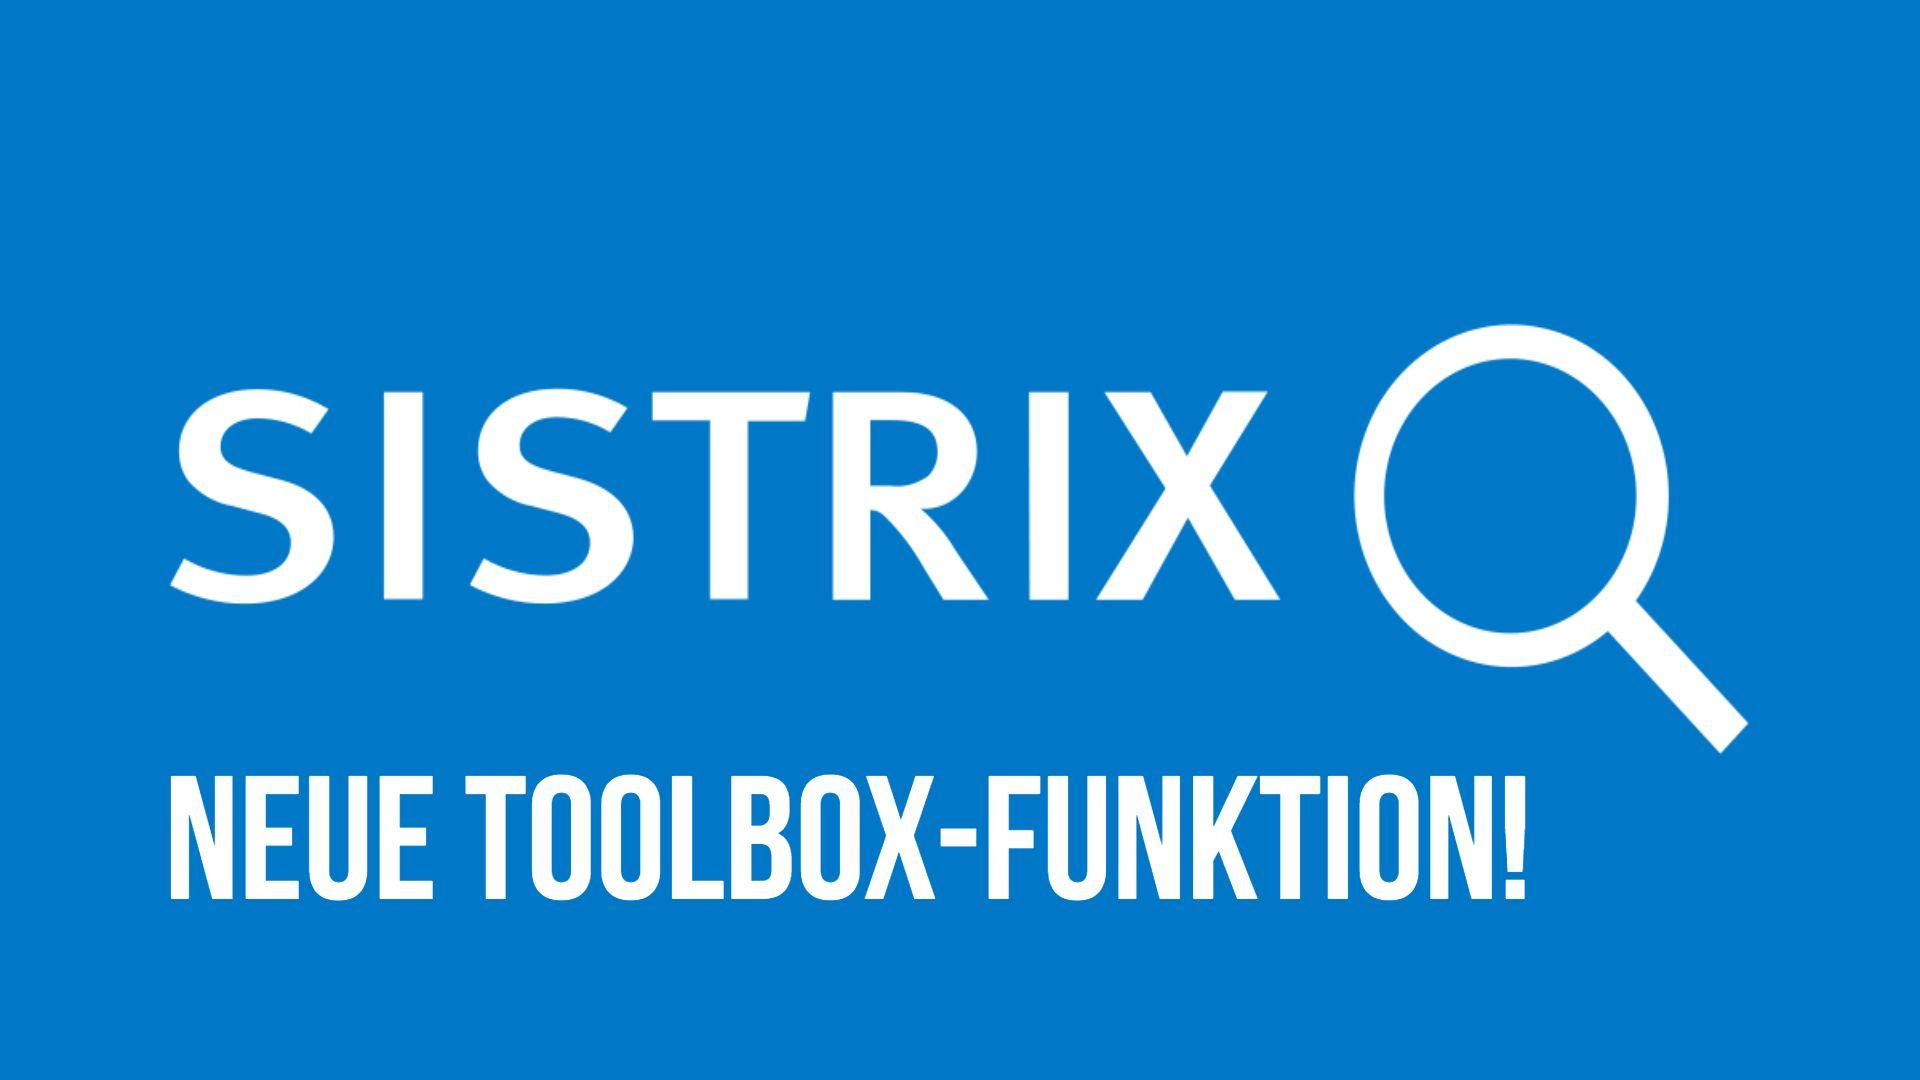 SISTRIX URL-Veränderungen